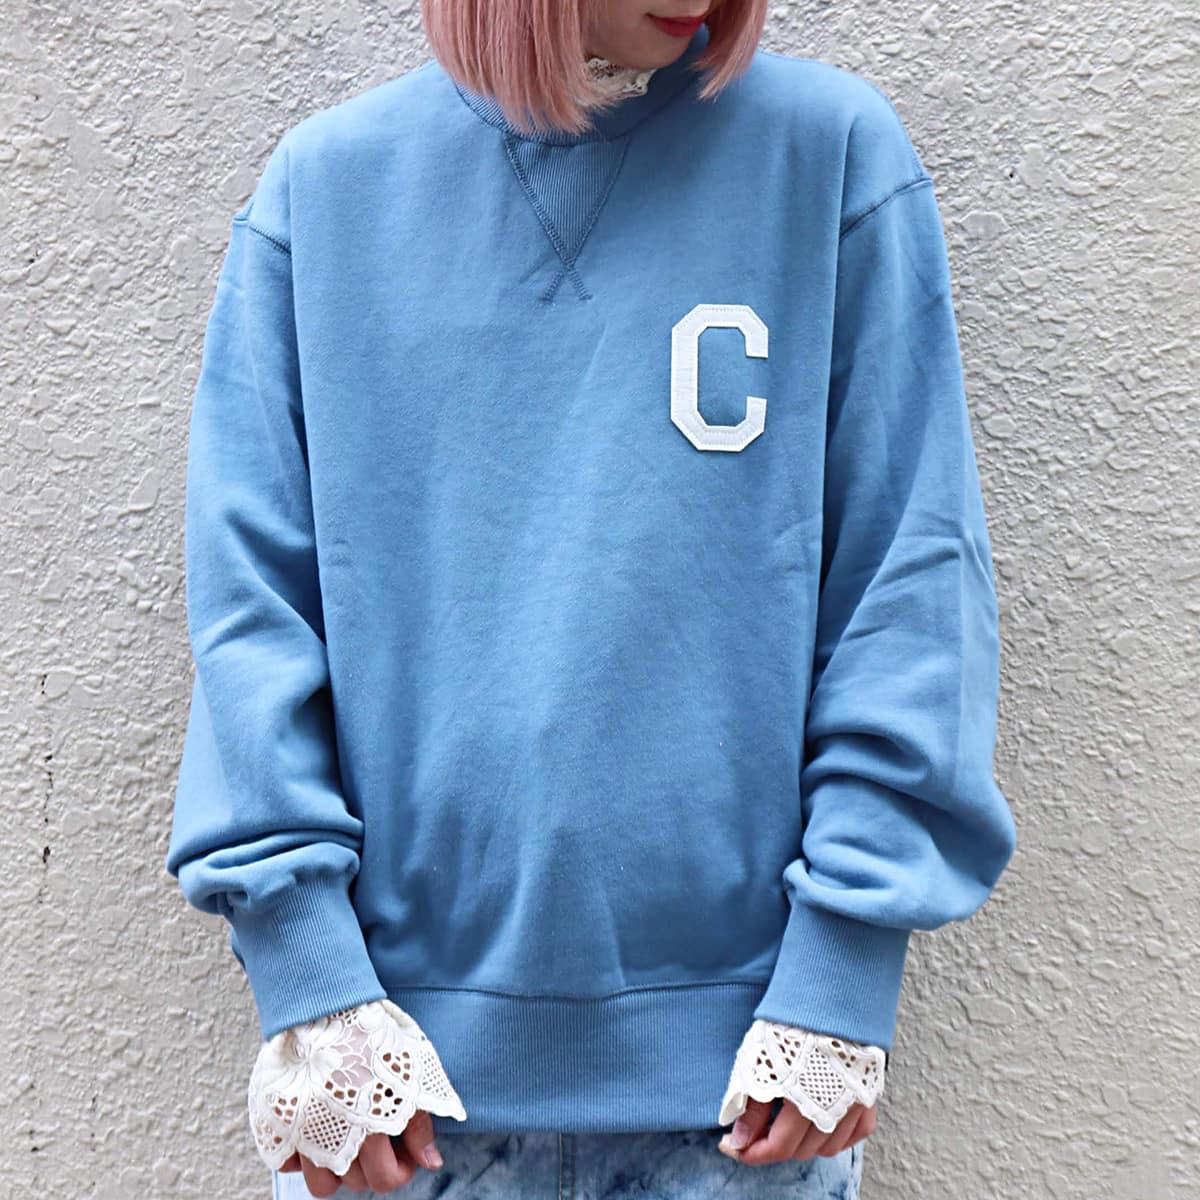 COVERNAT C LOGO CREWNECK BLUE 20SP-I_photo_large